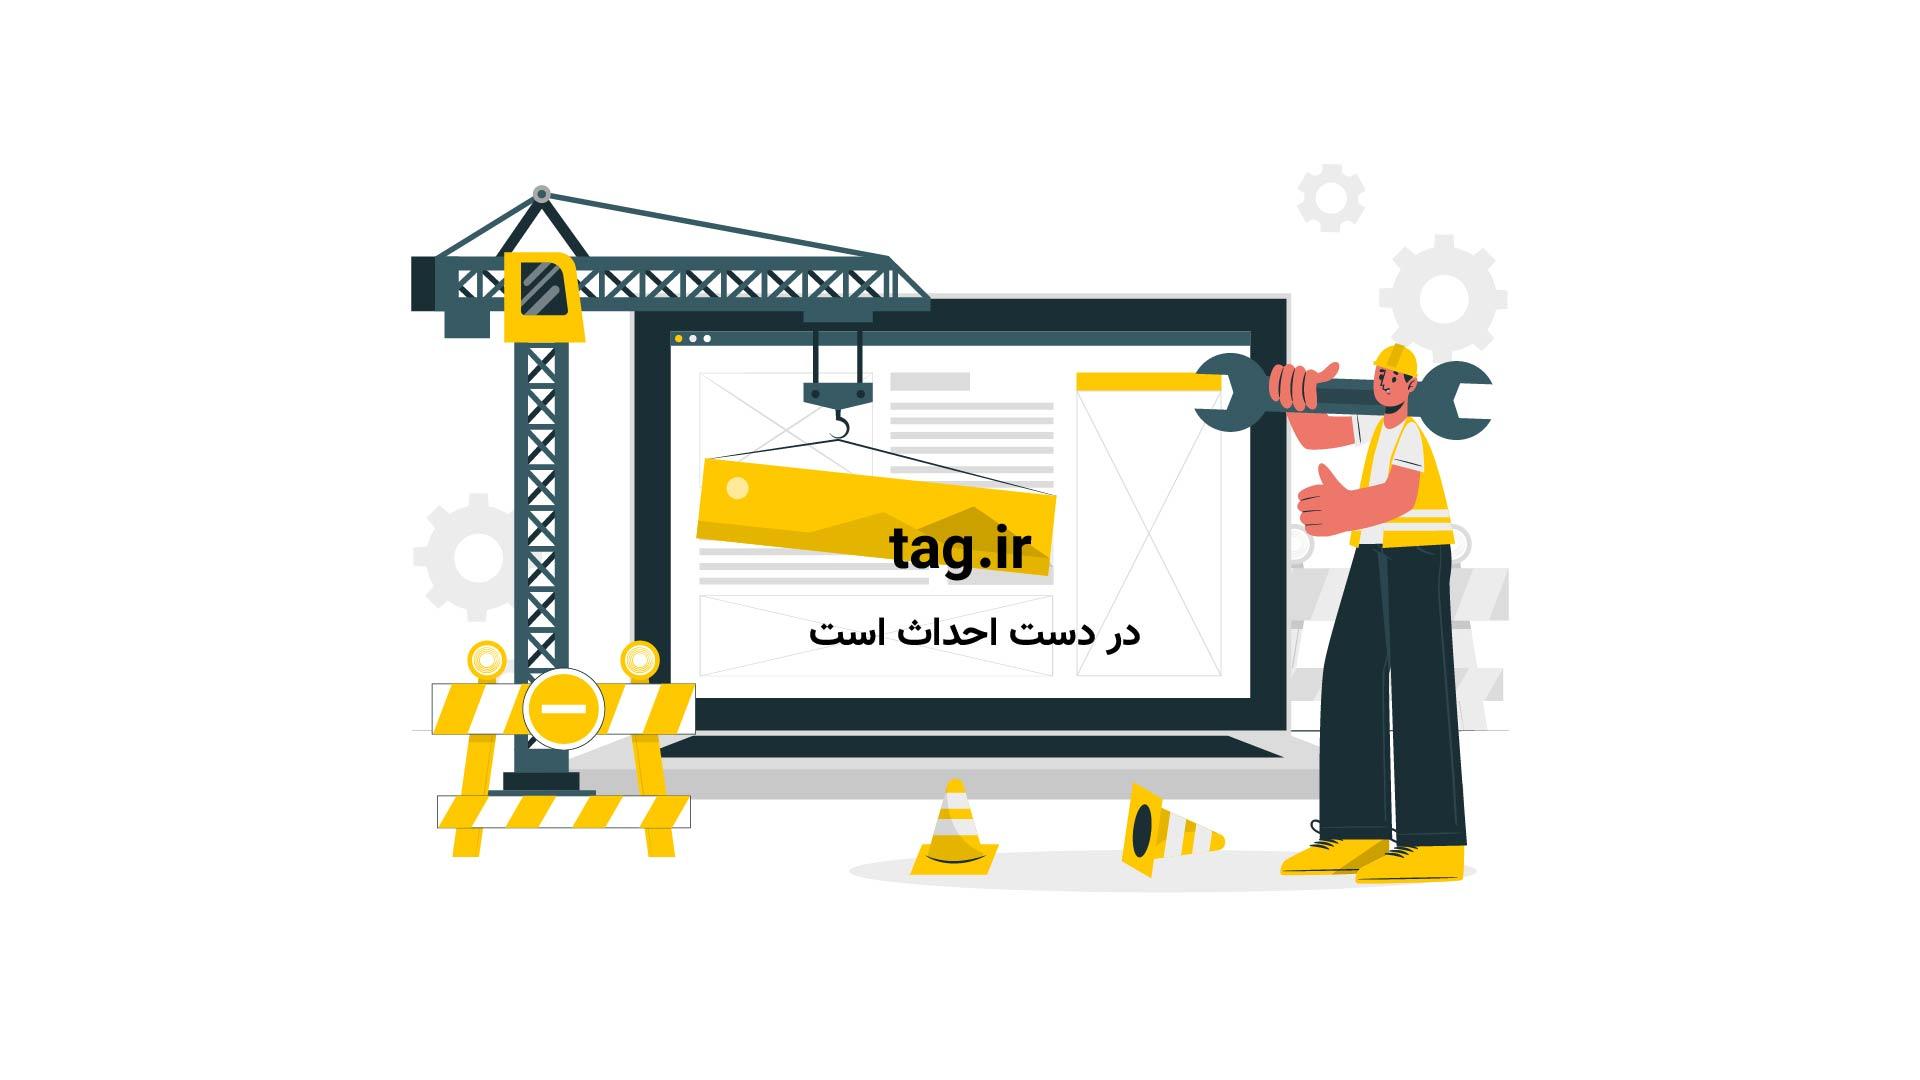 گربه خمیری   تگ